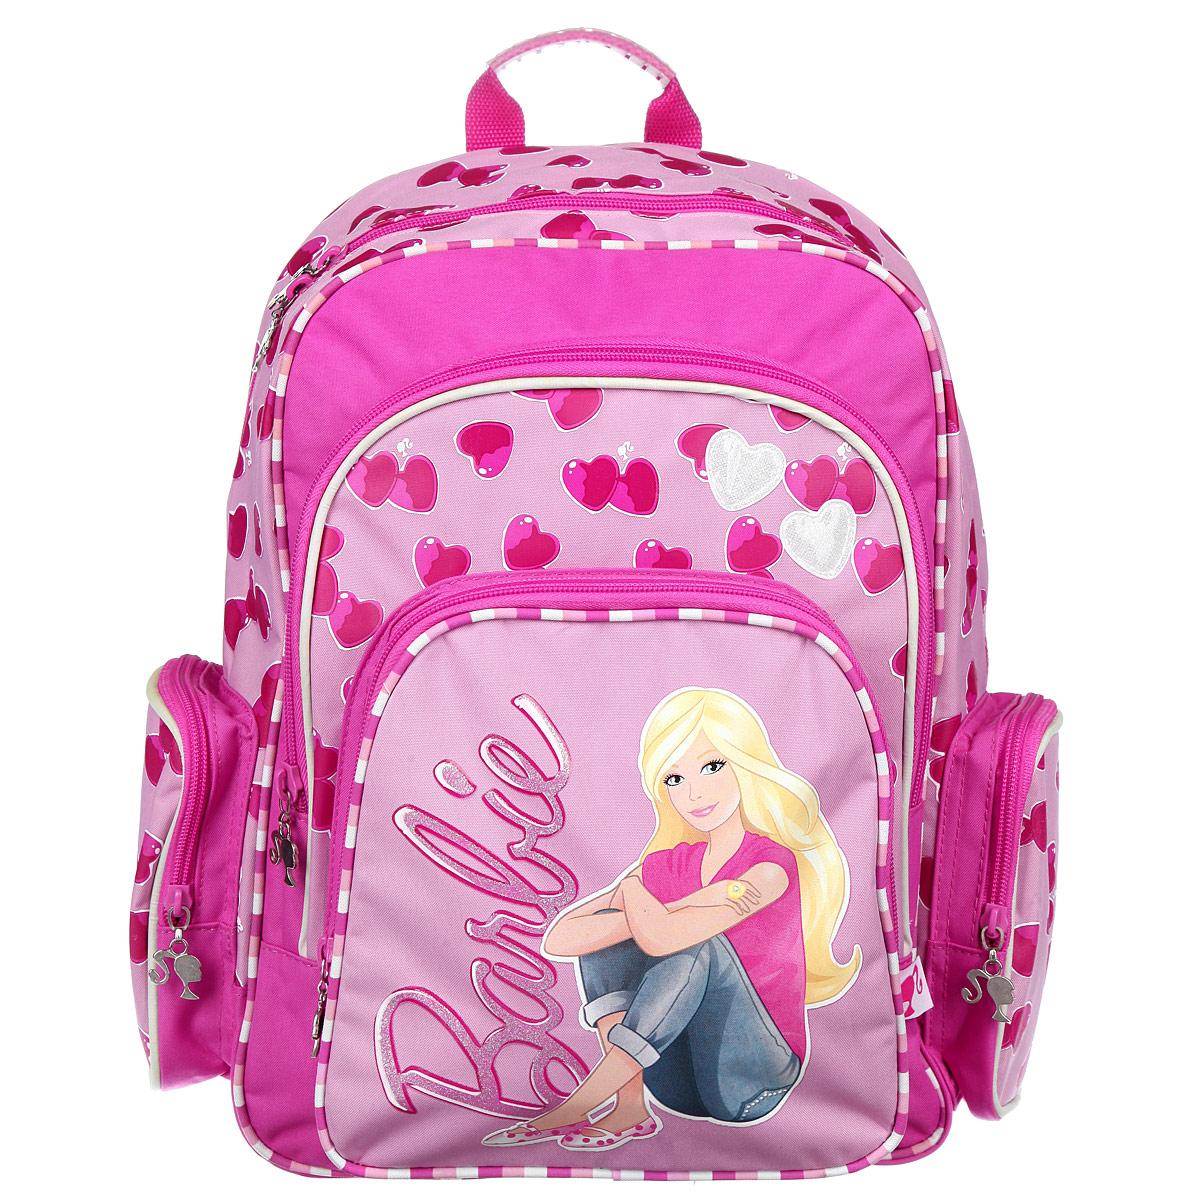 Рюкзак школьный Barbie, цвет: розовый. BRM-11T-96278408/80Школьный рюкзак Barbie привлечет внимание вашей школьницы. Изделие выполнено из прочного и высококачественного материала.Содержит одно вместительное отделение, внутри которого находятся две жесткие перегородки для тетрадей или учебников и открытый карман-сетка. Дно рюкзака можно сделать жестким, разложив специальную панель с пластиковой вставкой, что повышает сохранность содержимого рюкзака и способствует правильному распределению нагрузки. Спинка рюкзака изготовлена из высокотехнологичного водонепроницаемого упругого материала. Специально разработанная архитектура спинки со стабилизирующими набивными элементами повторяет естественный изгиб позвоночника. Набивные элементы обеспечивают вентиляцию спины ребенка. Мягкие широкие лямки позволяют легко и быстро отрегулировать рюкзак в соответствии с ростом. Рюкзак оснащен текстильной ручкой для переноски в руке. Светоотражающие элементы обеспечивают безопасность в темное время суток.Многофункциональный школьный рюкзак станет незаменимым спутником вашего ребенка в походах за знаниями.